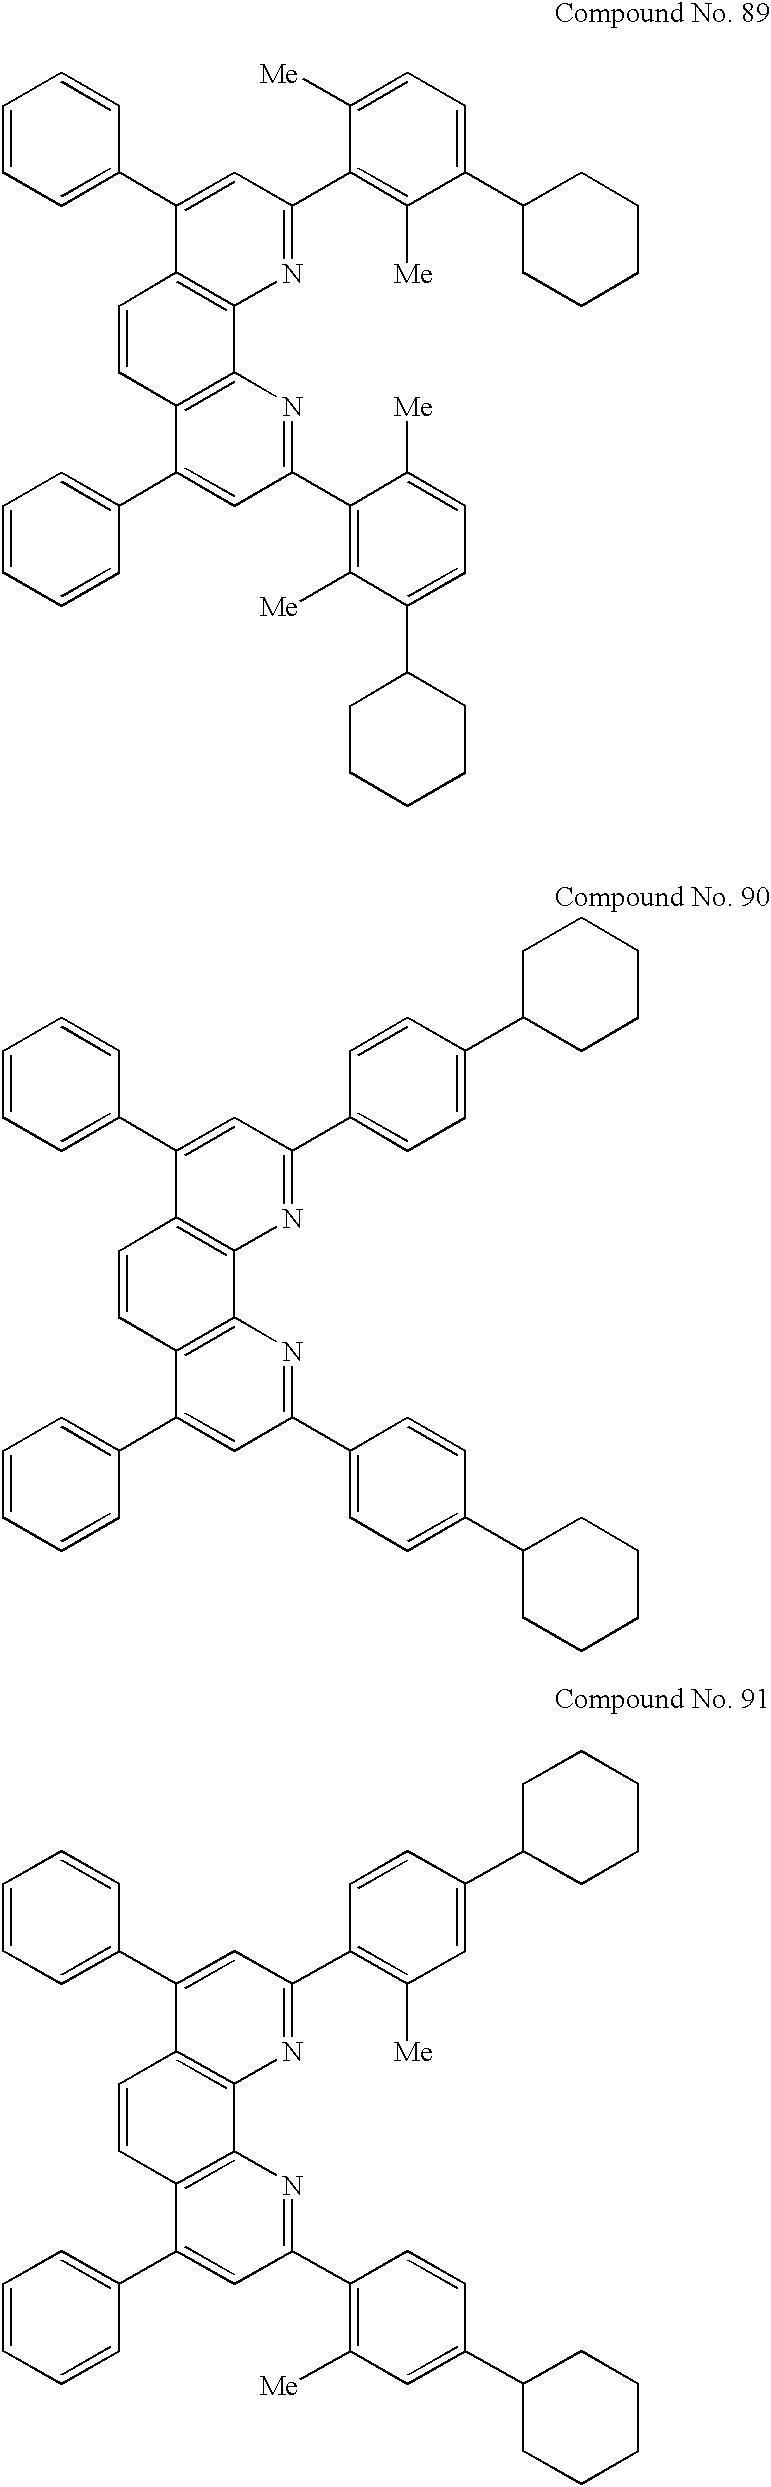 Figure US06524728-20030225-C00026